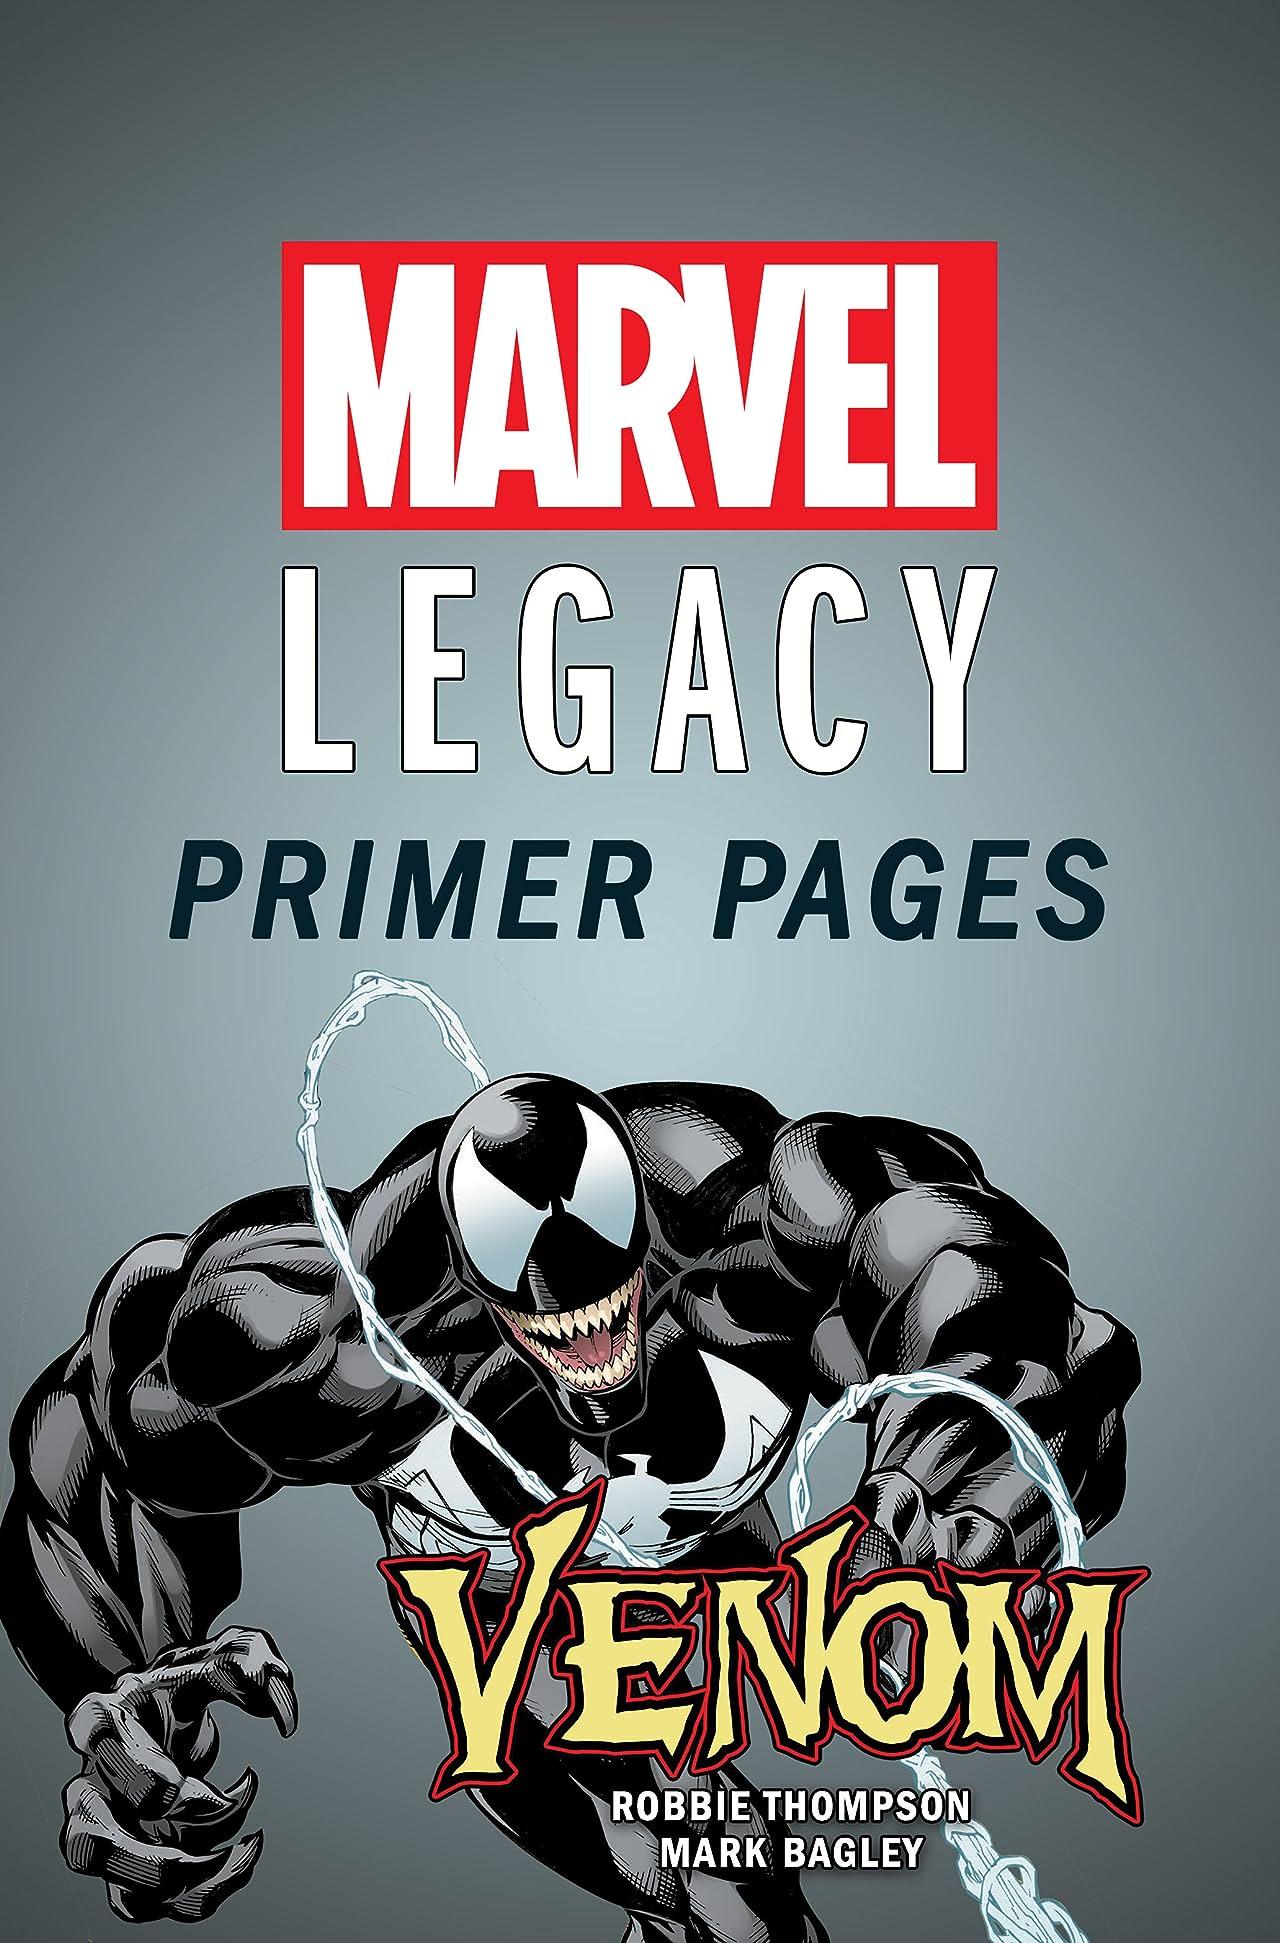 Venom - Marvel Legacy Primer Pages